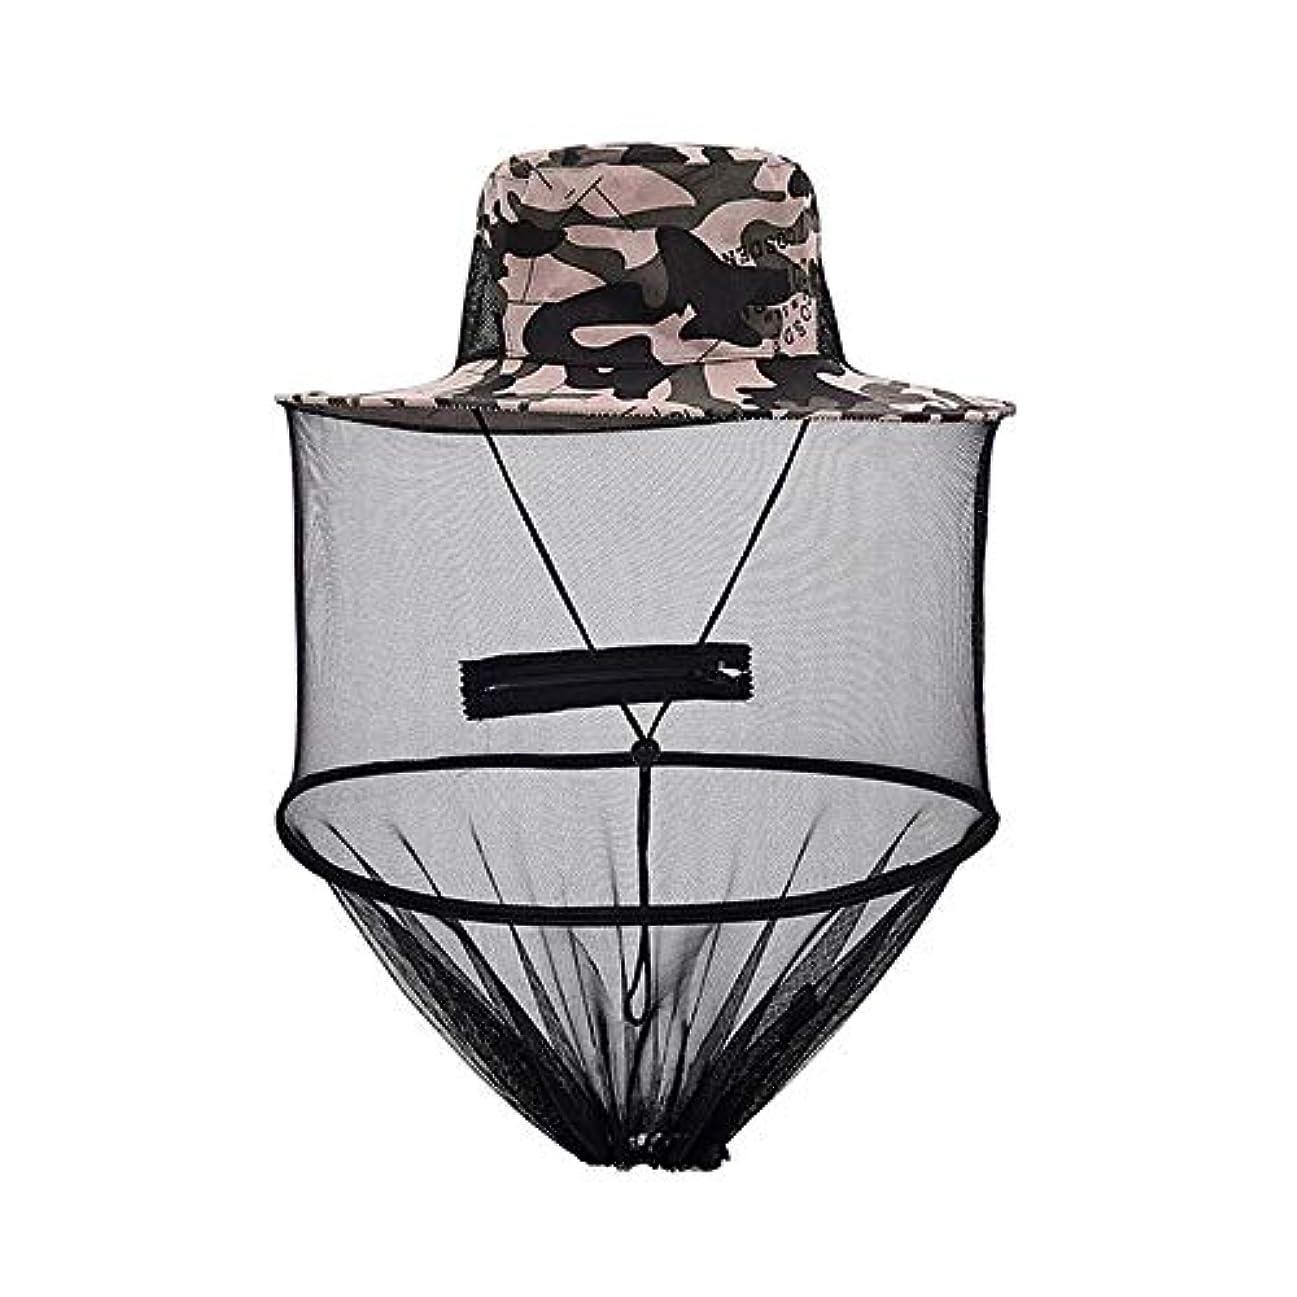 過ち指導する口述するヘッドネットハット、サファリハイキング釣り帽子日焼け止め撥水バケツ、屋外UPF 50+メッシュハット保護付きサンハット帽子屋外男性/女性。